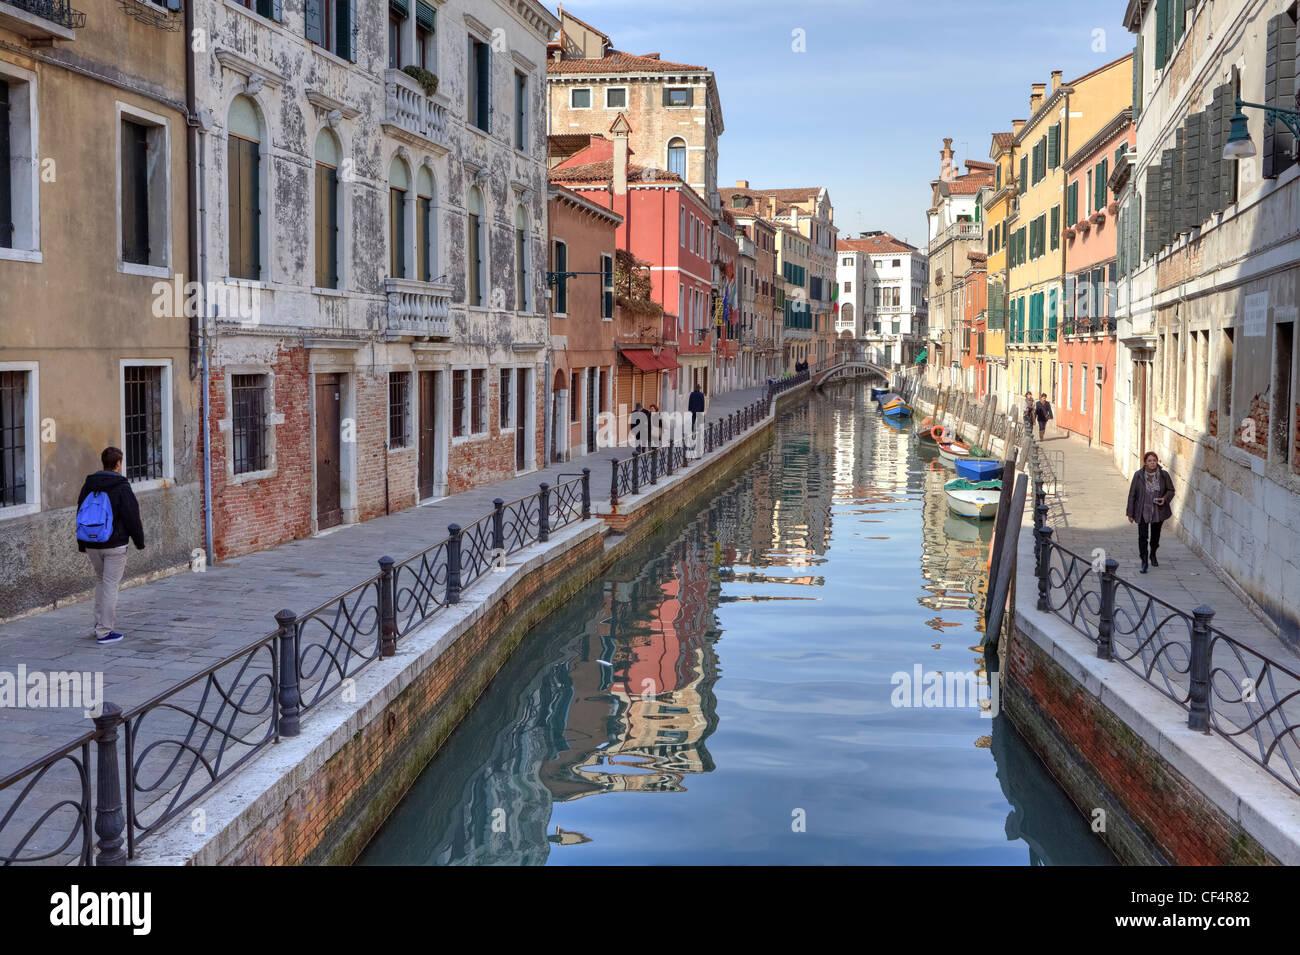 Fondamenta Rio Marin, San Polo, Venise, Vénétie, Italie Photo Stock